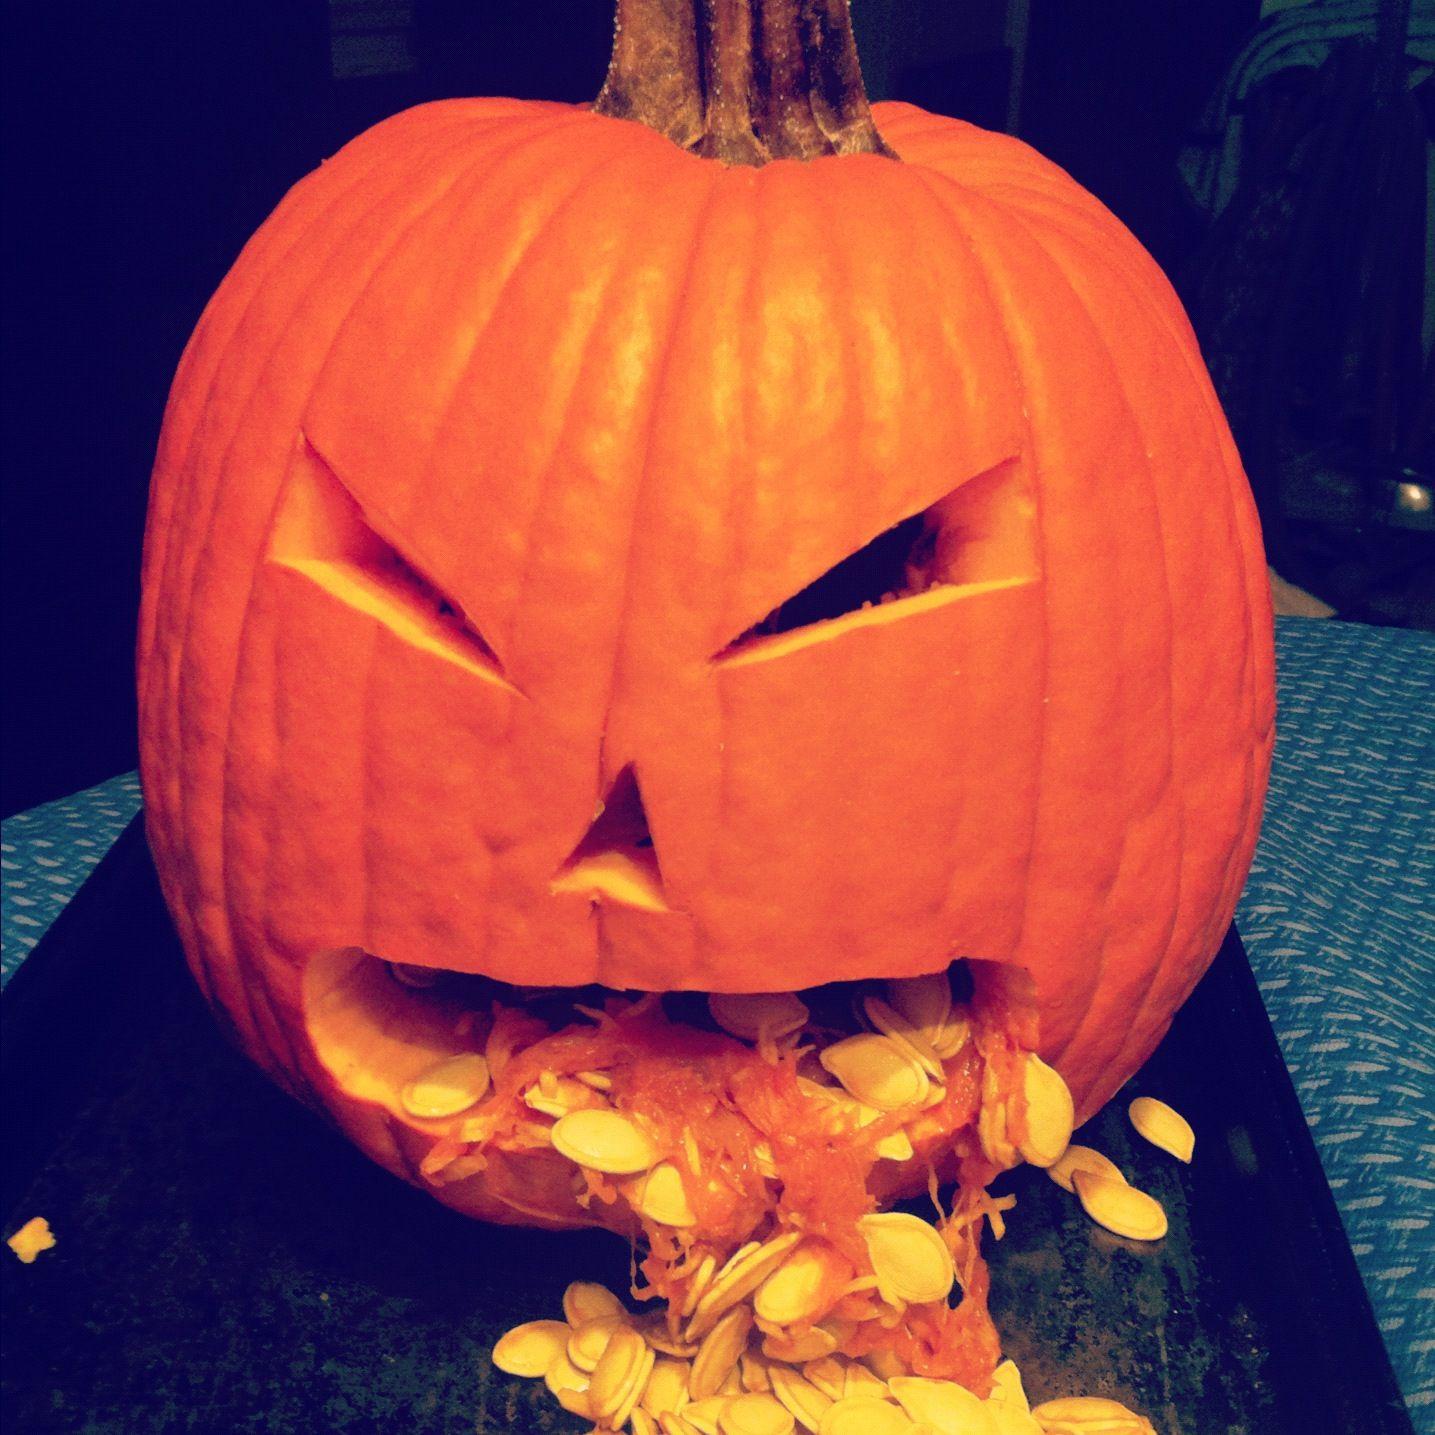 Pumpkin throwing up   Pumpkins   Pinterest